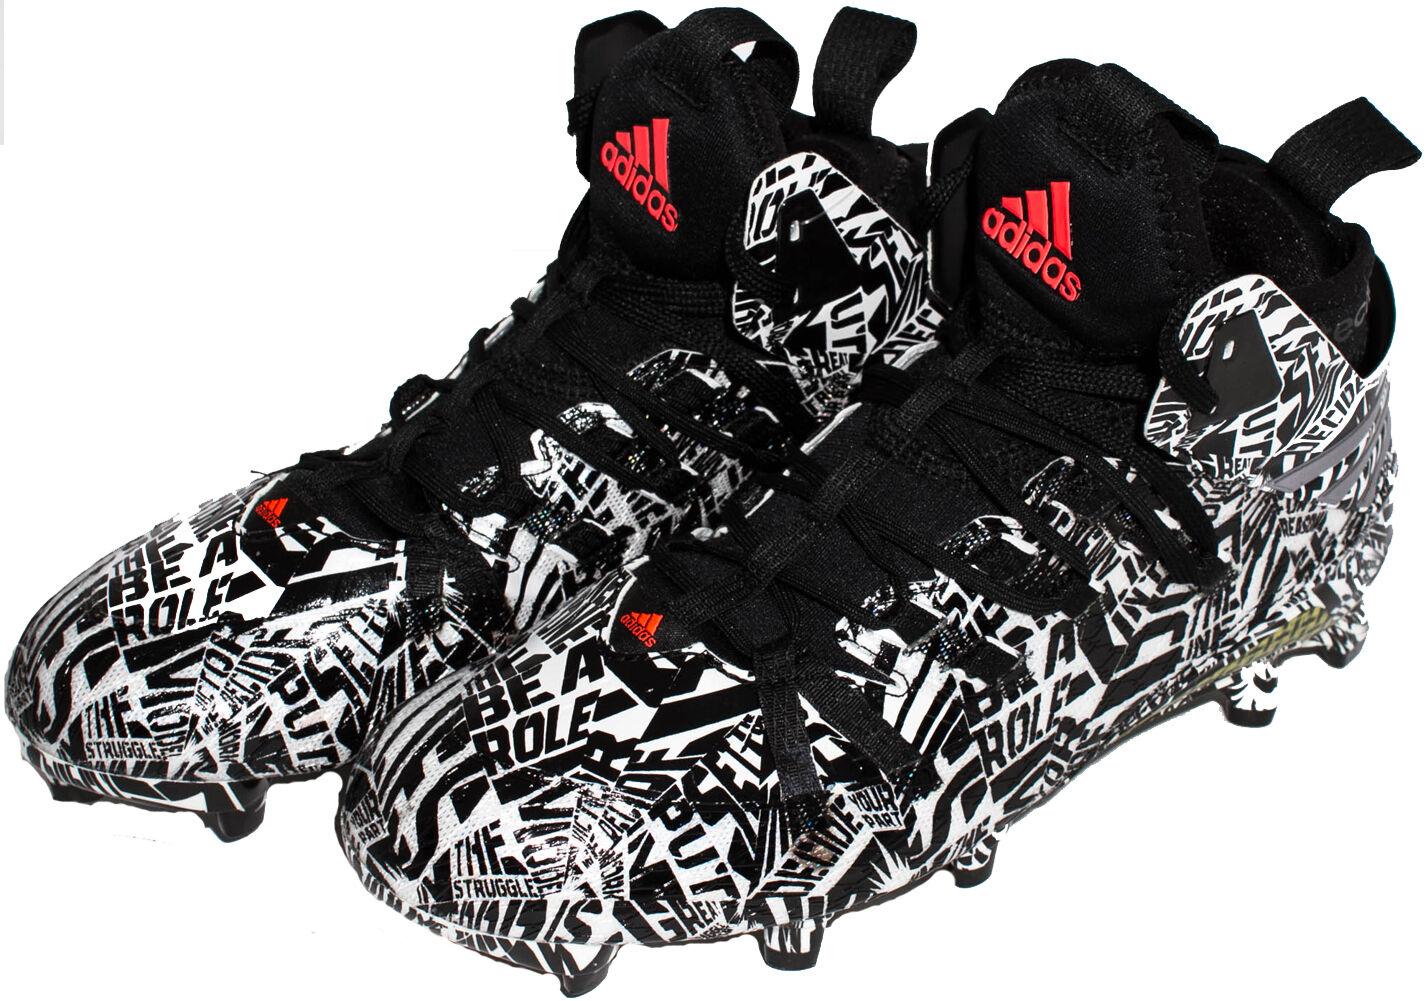 Adidas Freak x Kevlar Fußballschuhe Schwarz/weiß S84030 Größe 7 - 11.5